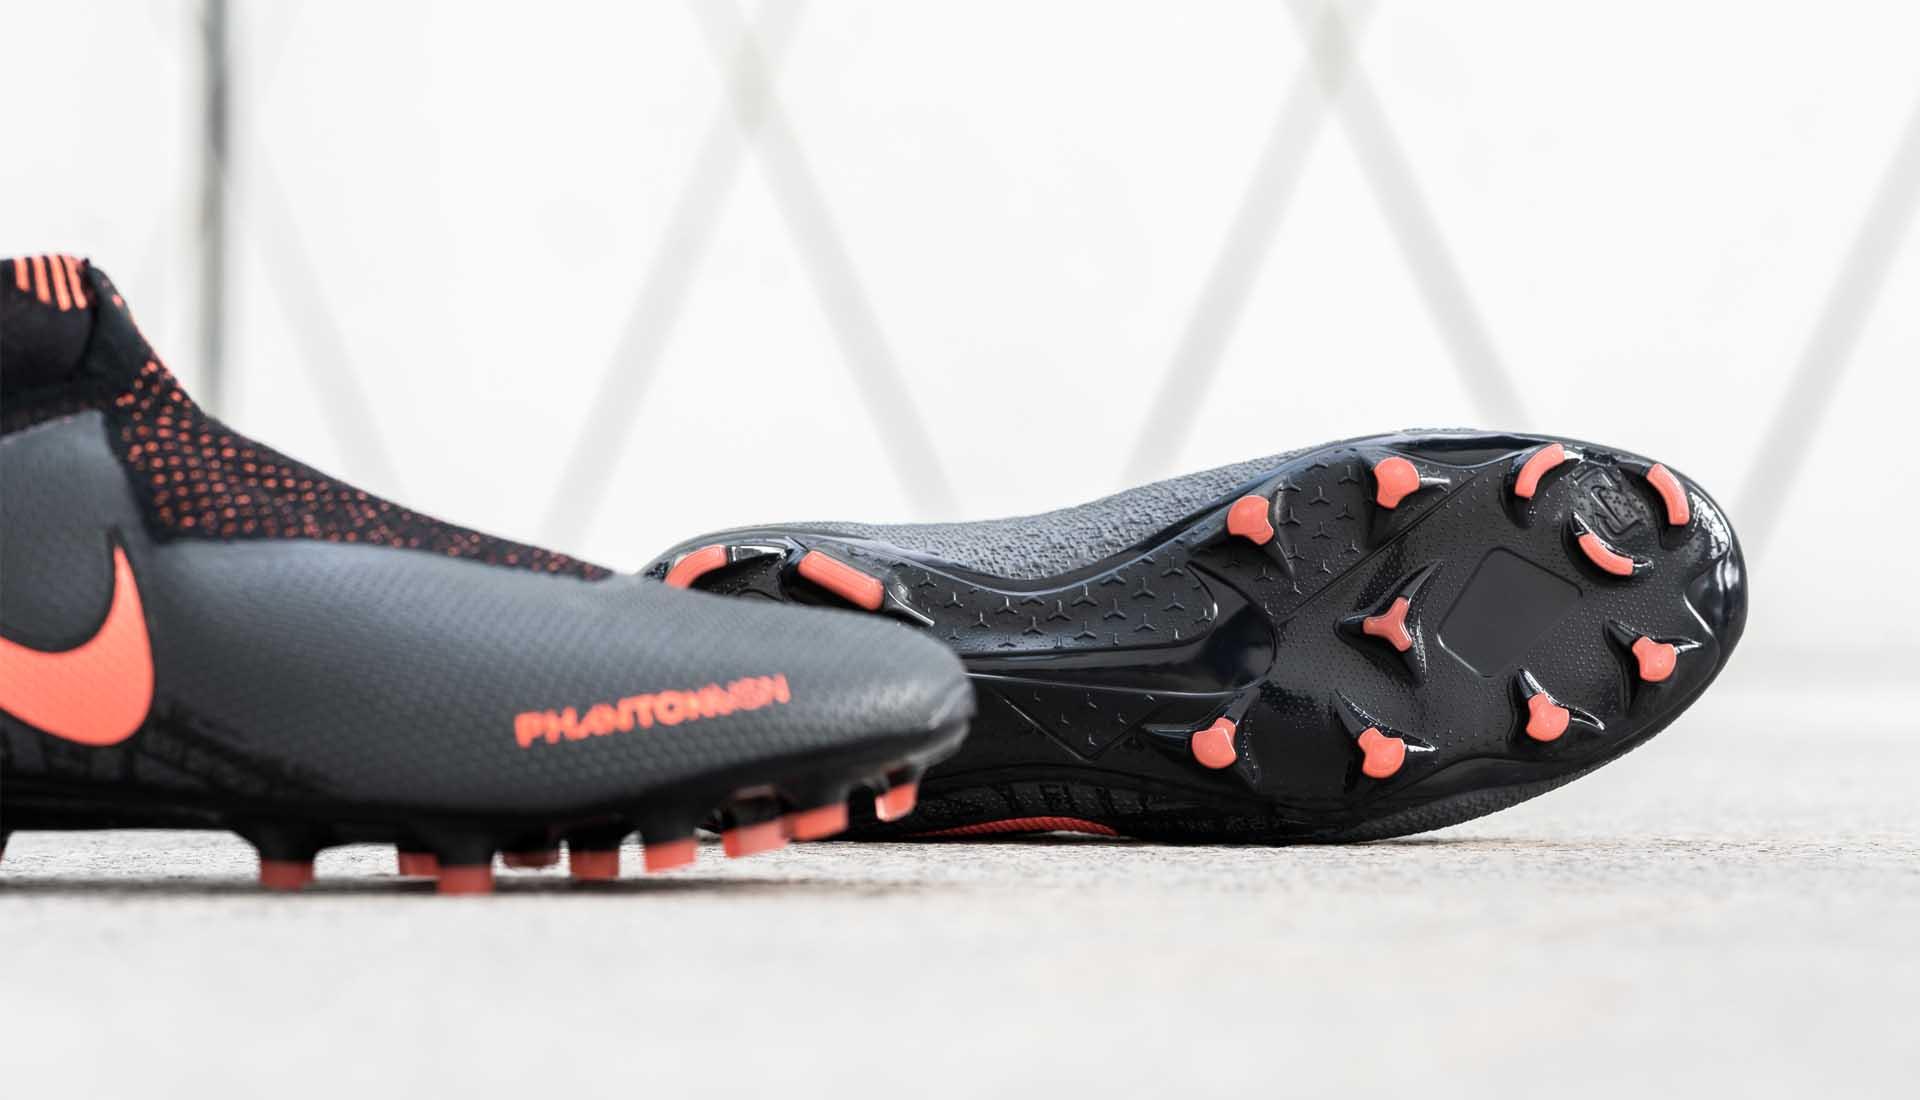 giày đá bóng Nike Phantom VNM Fire